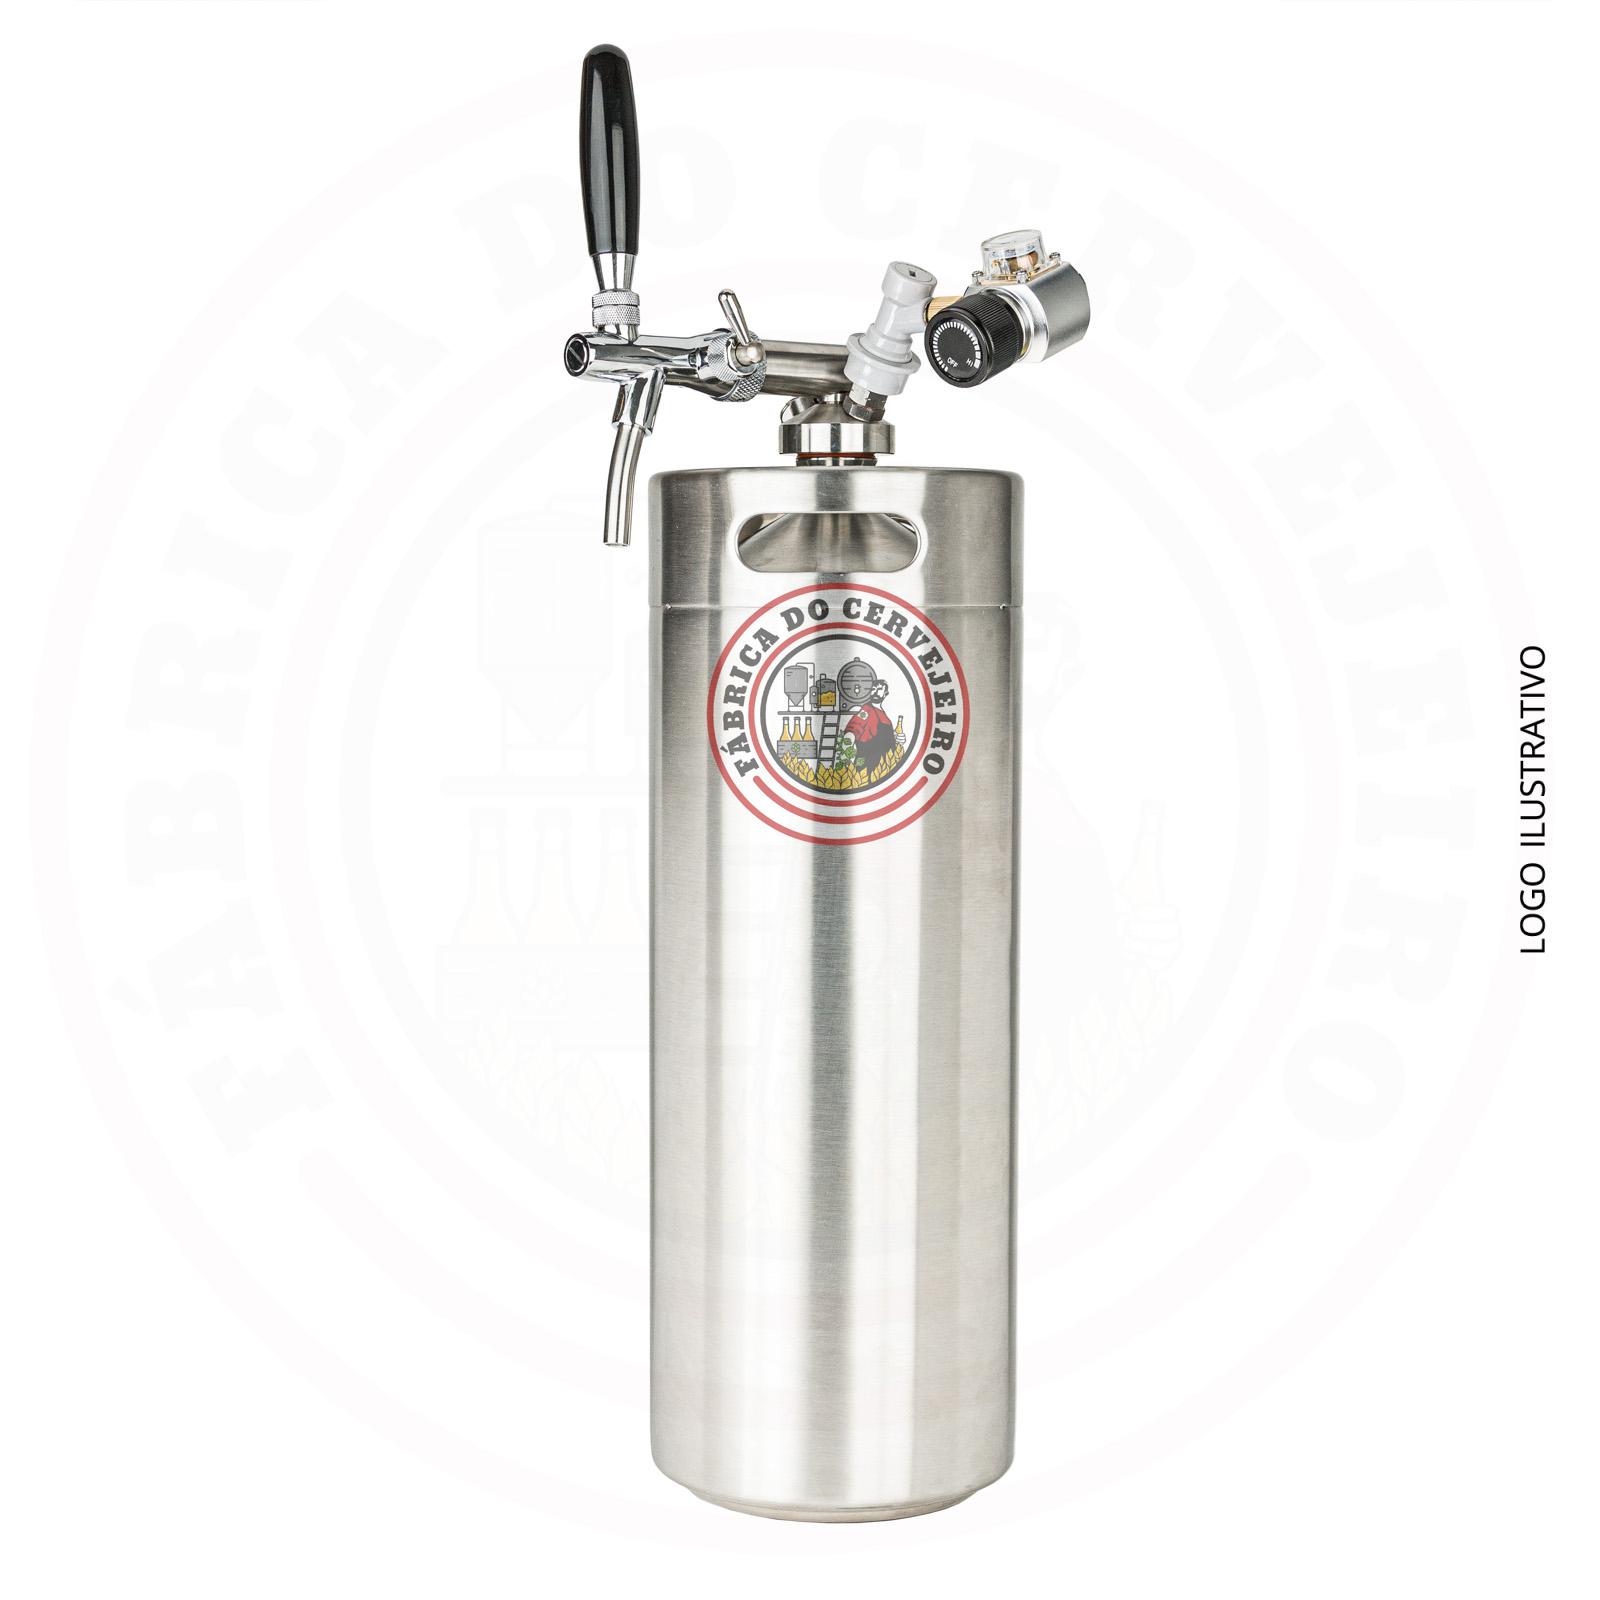 Kit mini keg growler 10L com torneira italiana e mini regulador profissional